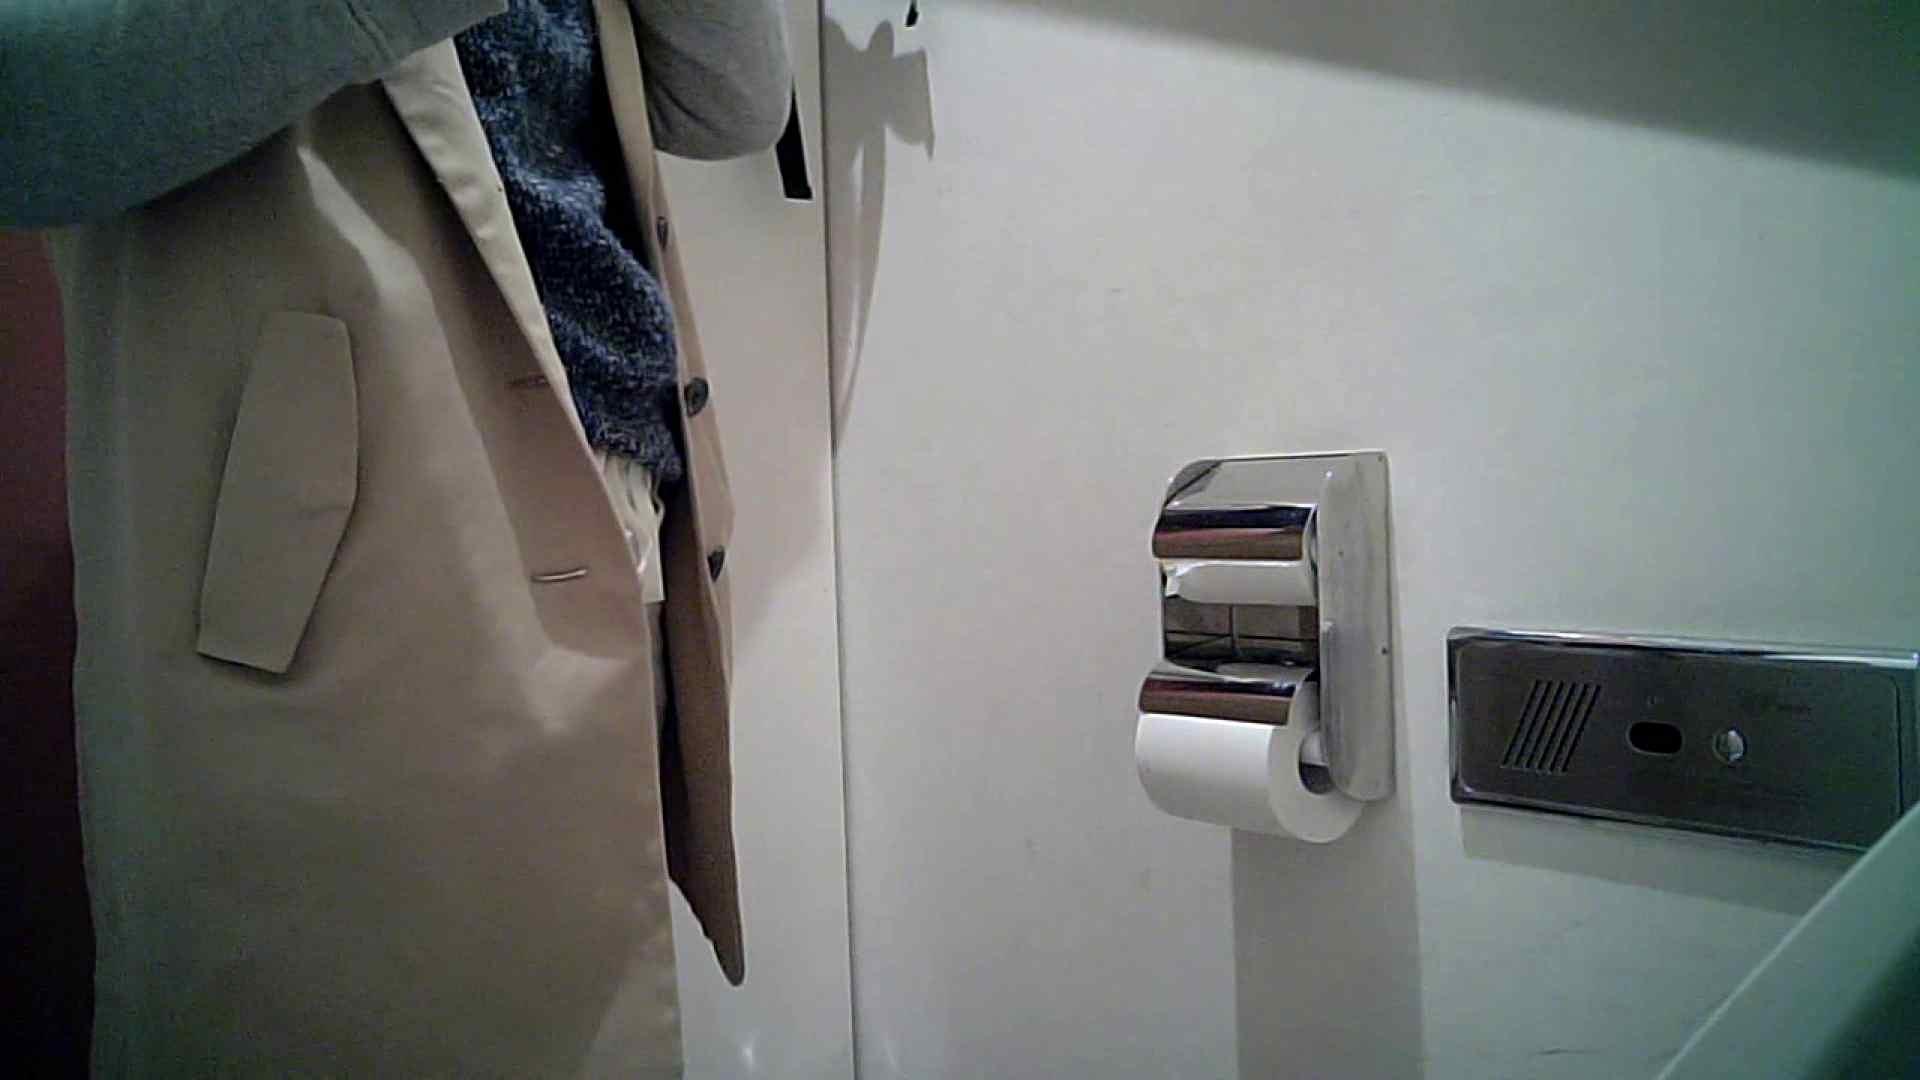 某有名大学女性洗面所 vol.26 OLのボディ 濡れ場動画紹介 59PIX 44